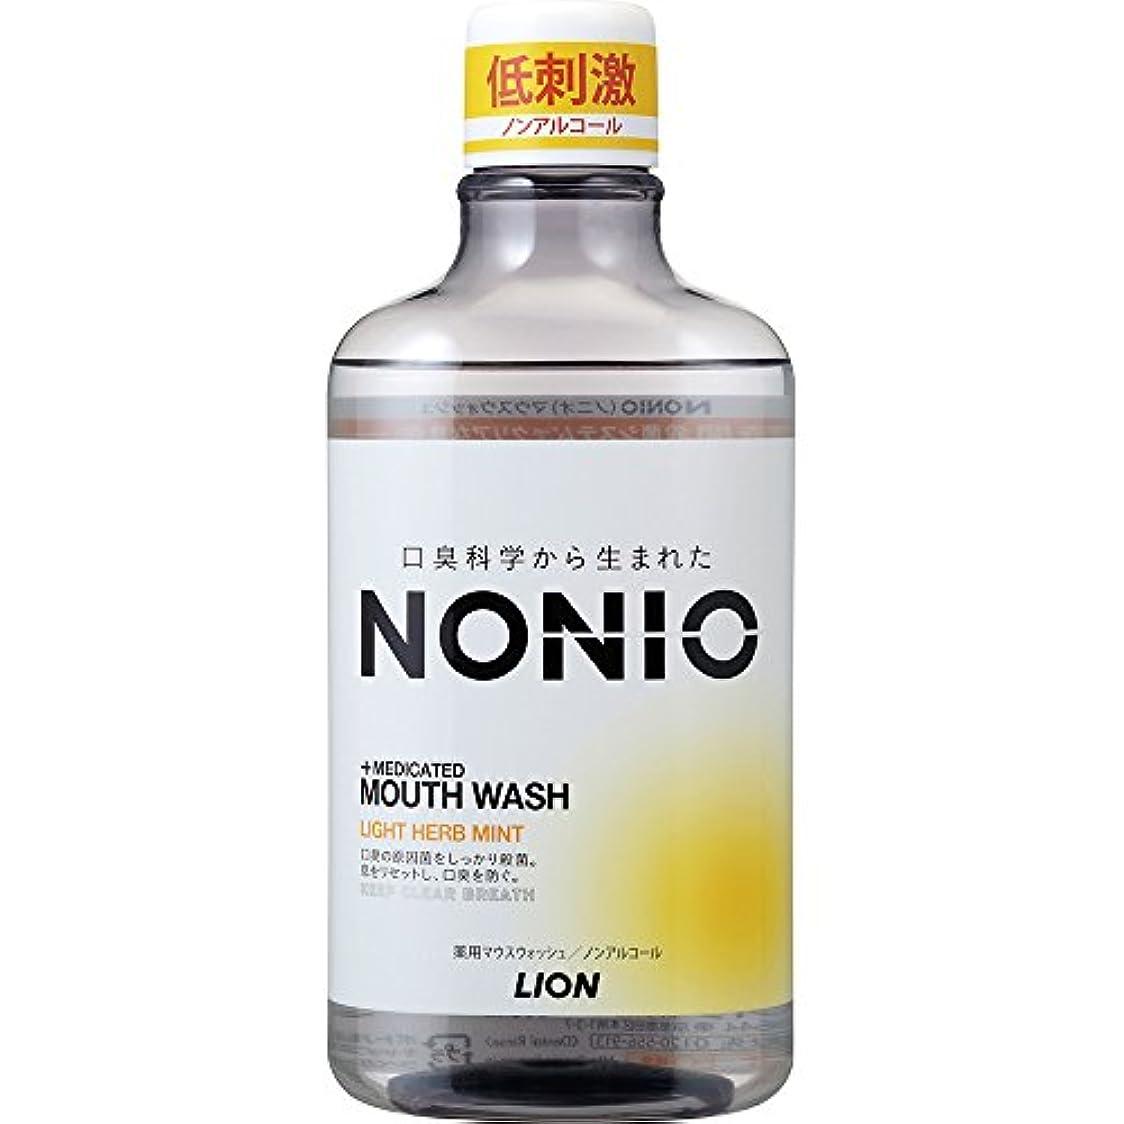 哲学者嬉しいです海賊[医薬部外品]NONIO マウスウォッシュ ノンアルコール ライトハーブミント 600ml 洗口液